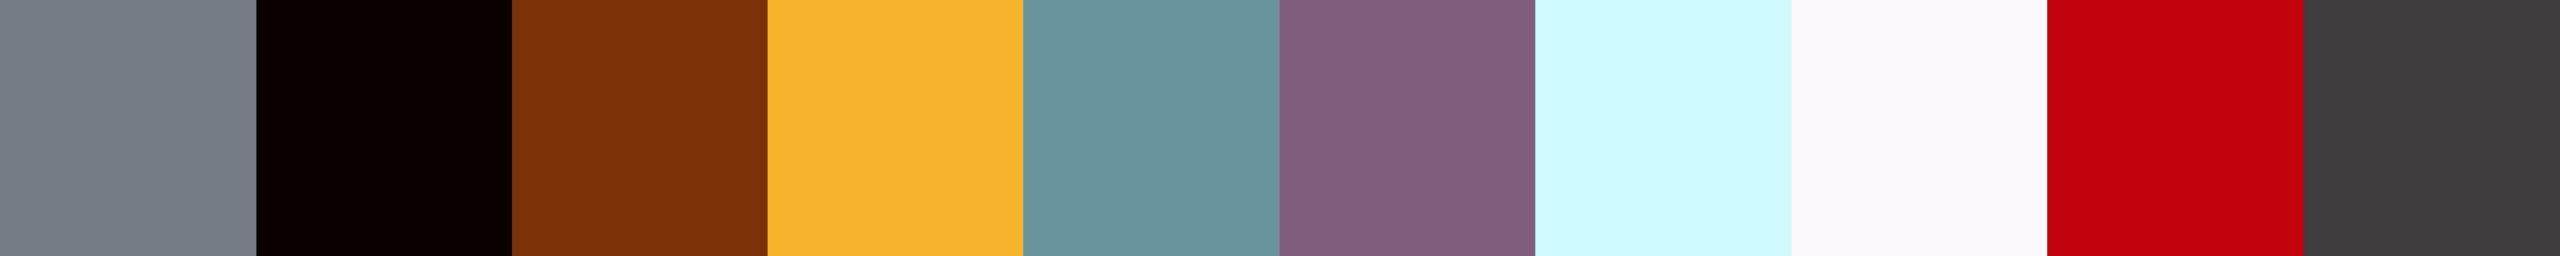 762 Medralia Color Palette